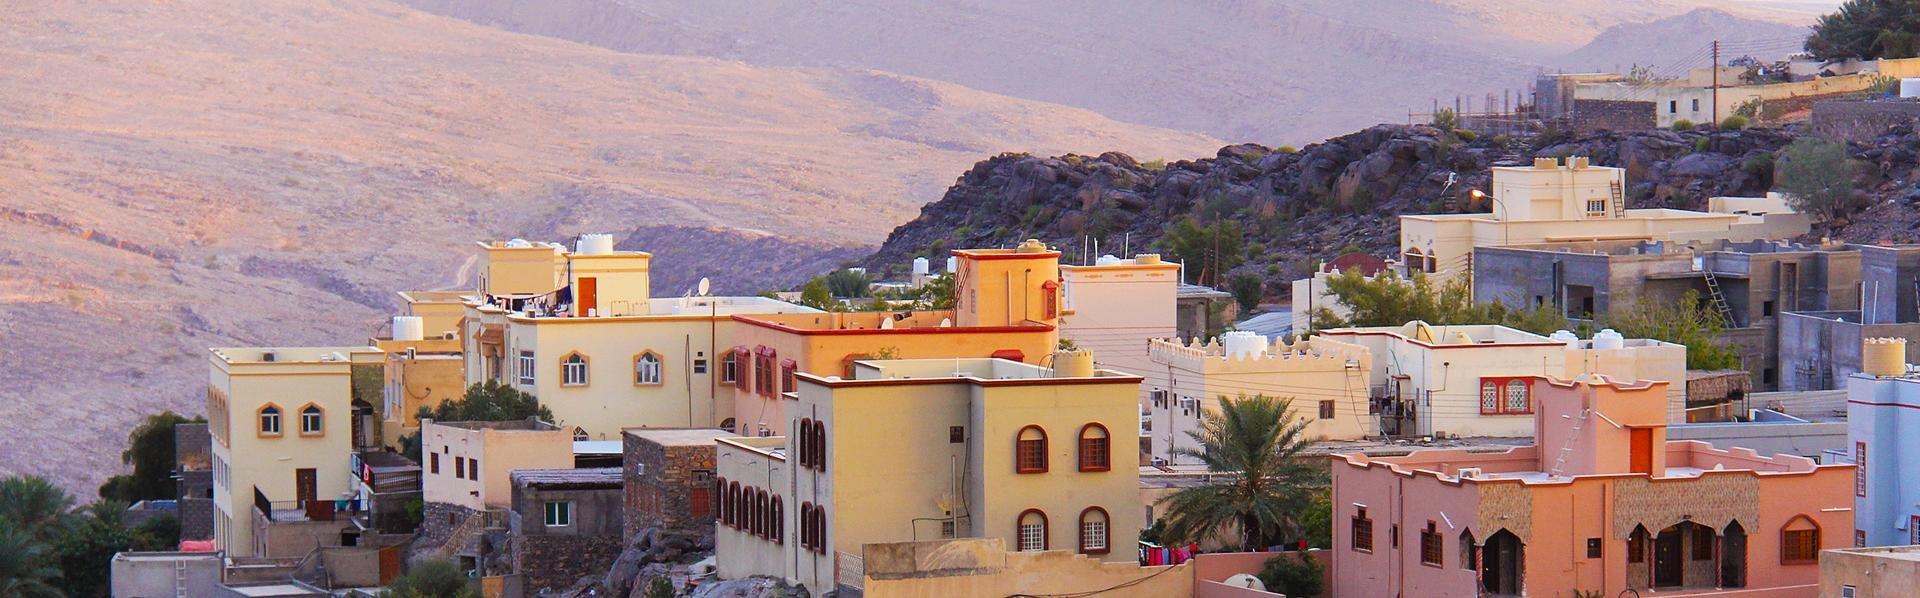 Nizwa in Oman